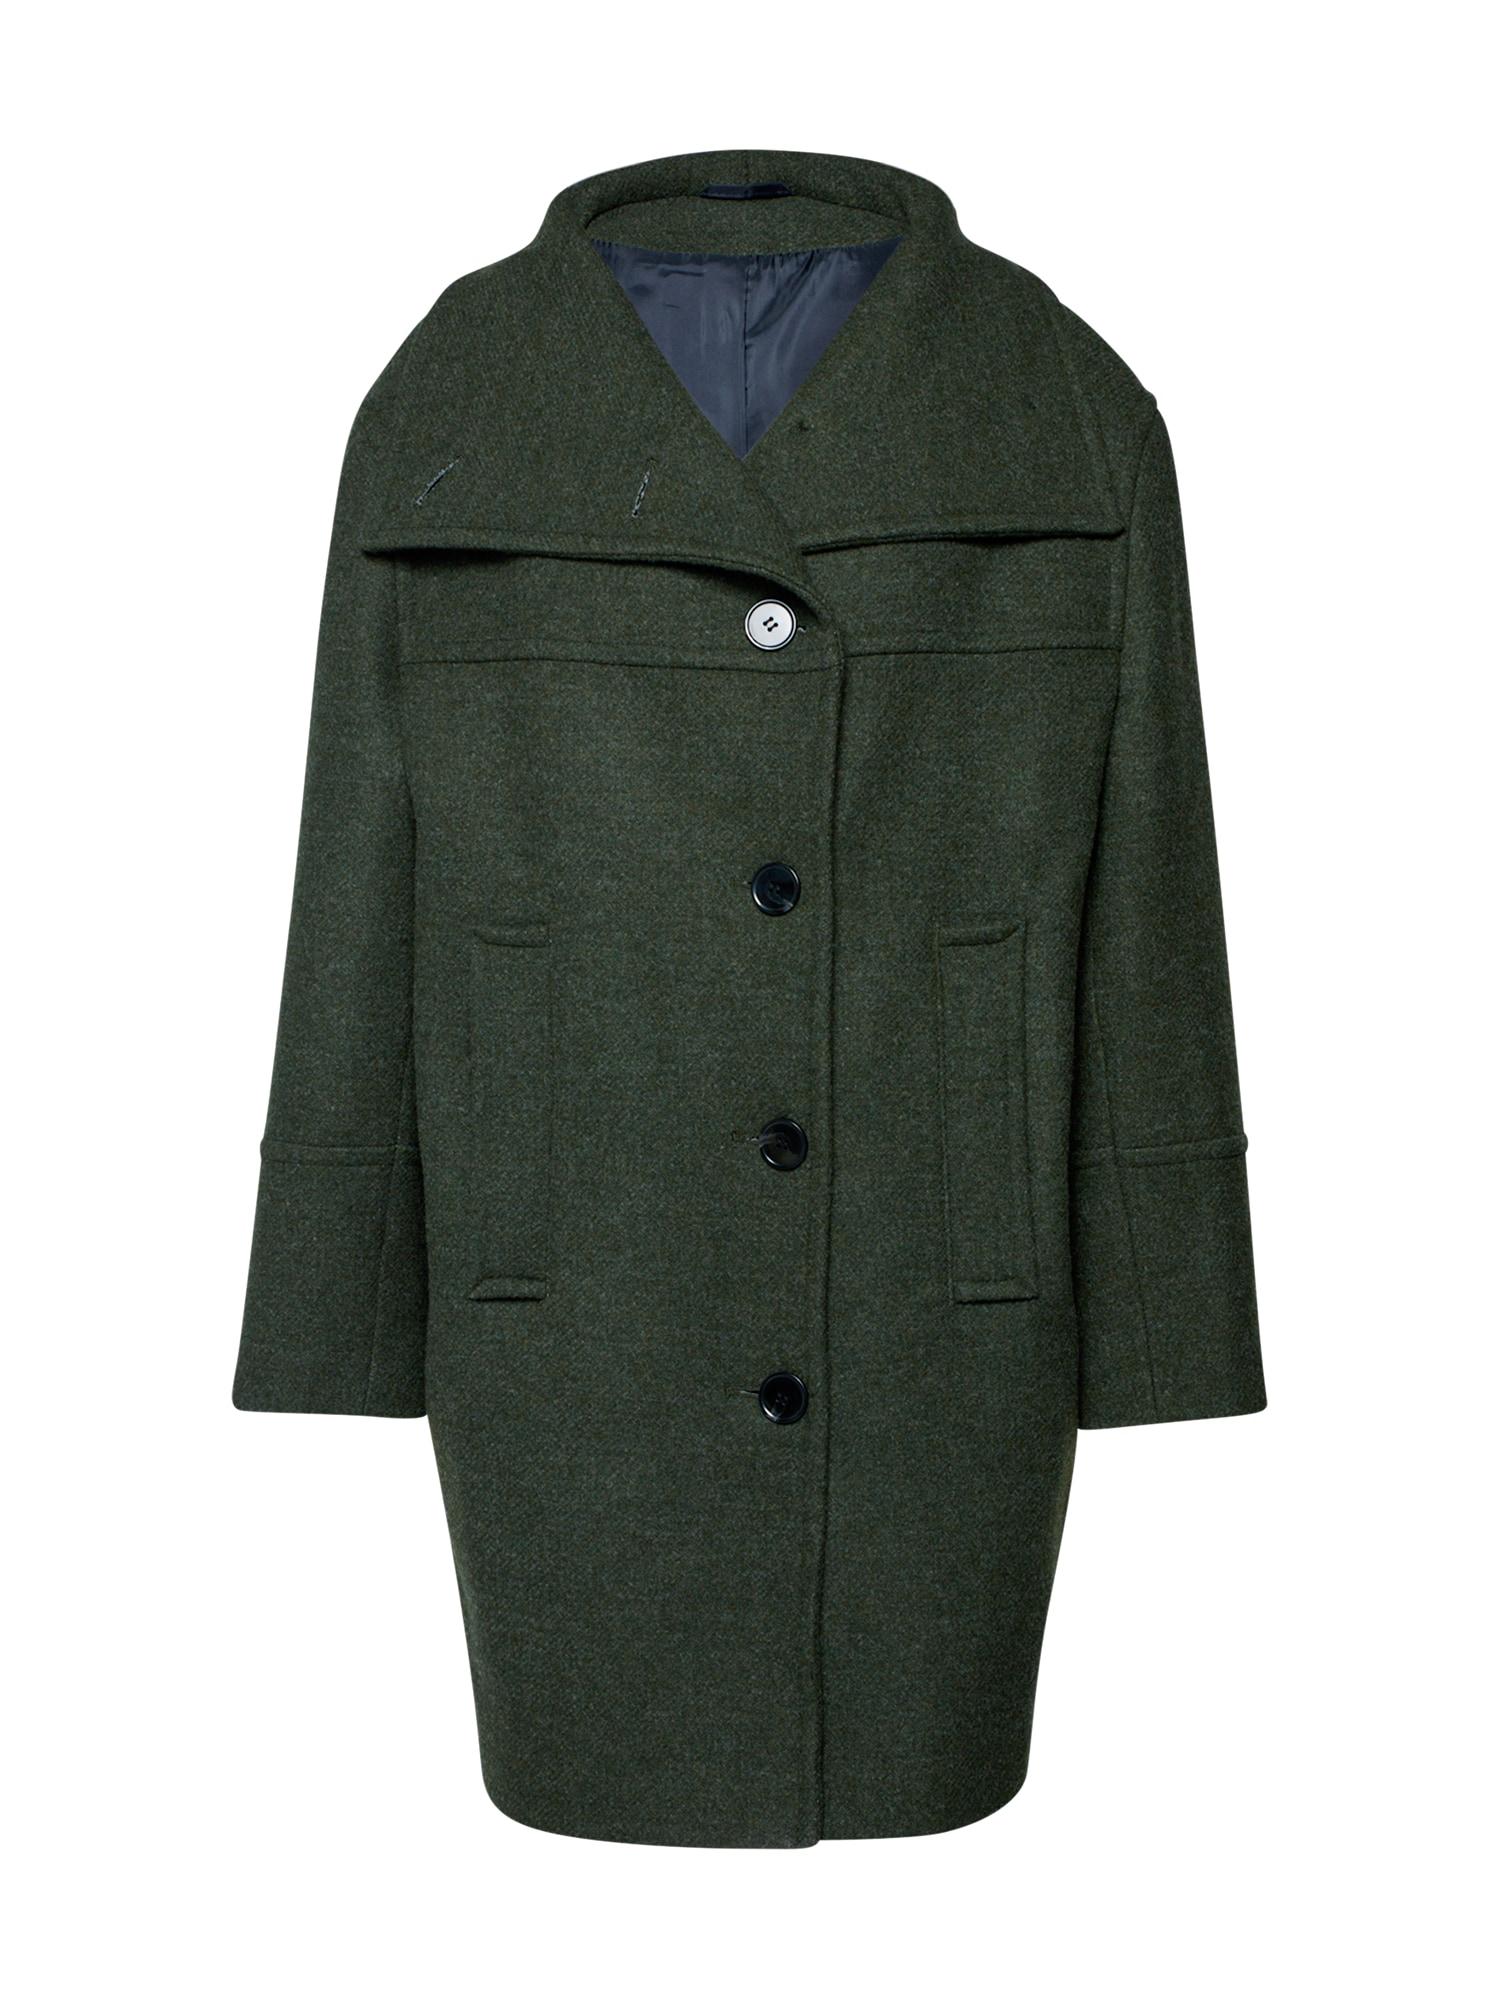 Přechodný kabát Clover zelená EDITED